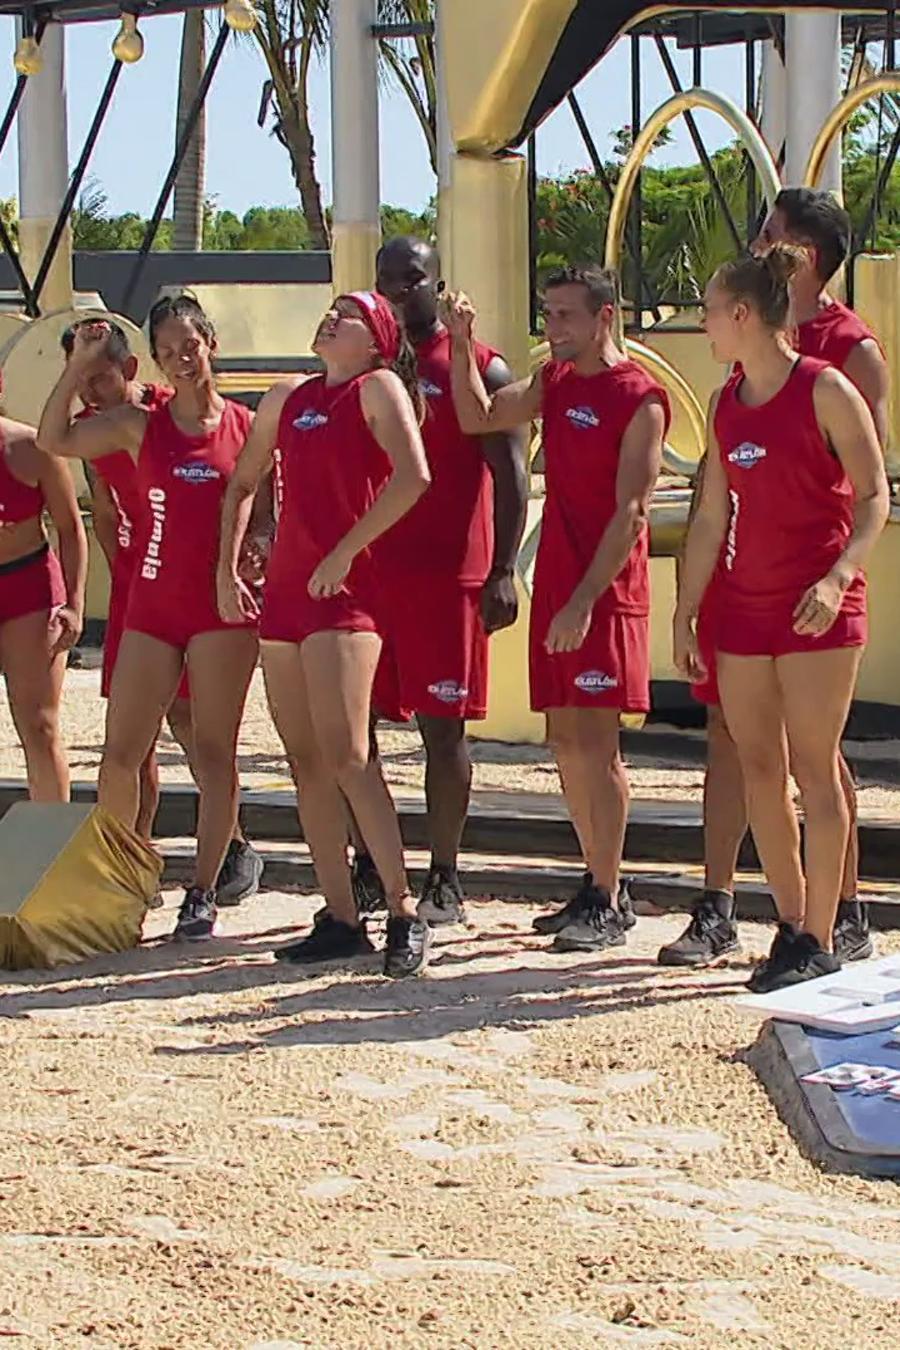 Team Famosos haciendo una porra en el circuito dorado